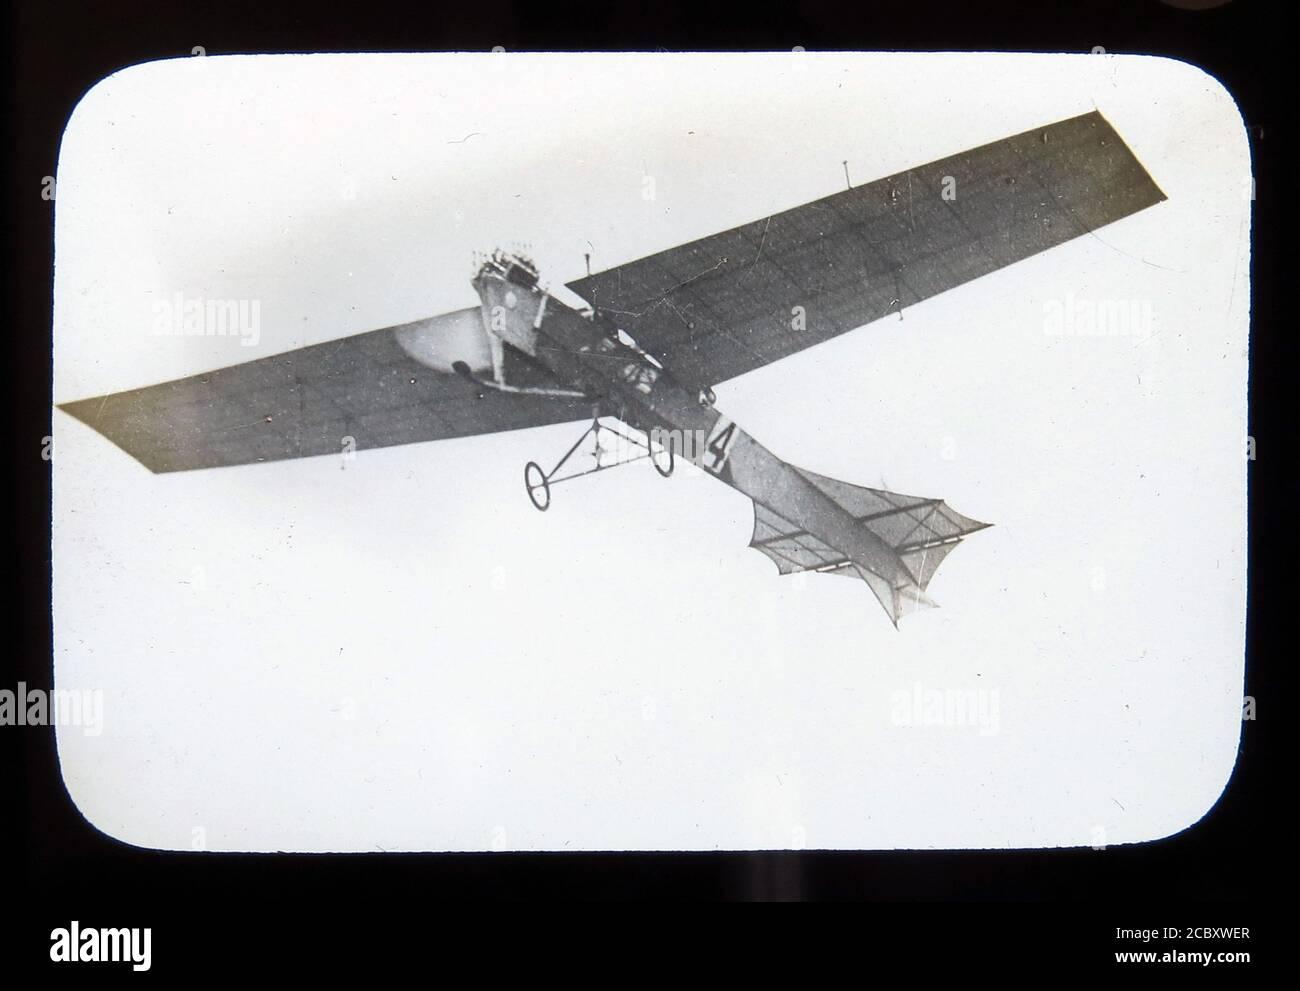 Une diapositive magique représentant le monoplan « Antoinette » d'Hubert Latham lors de la réunion aérienne de Blackpool en 1909, le premier spectacle aérien de Grande-Bretagne. Diapositive publiée par W. Butcher & Sons, Londres et datant d'environ 1914. Banque D'Images